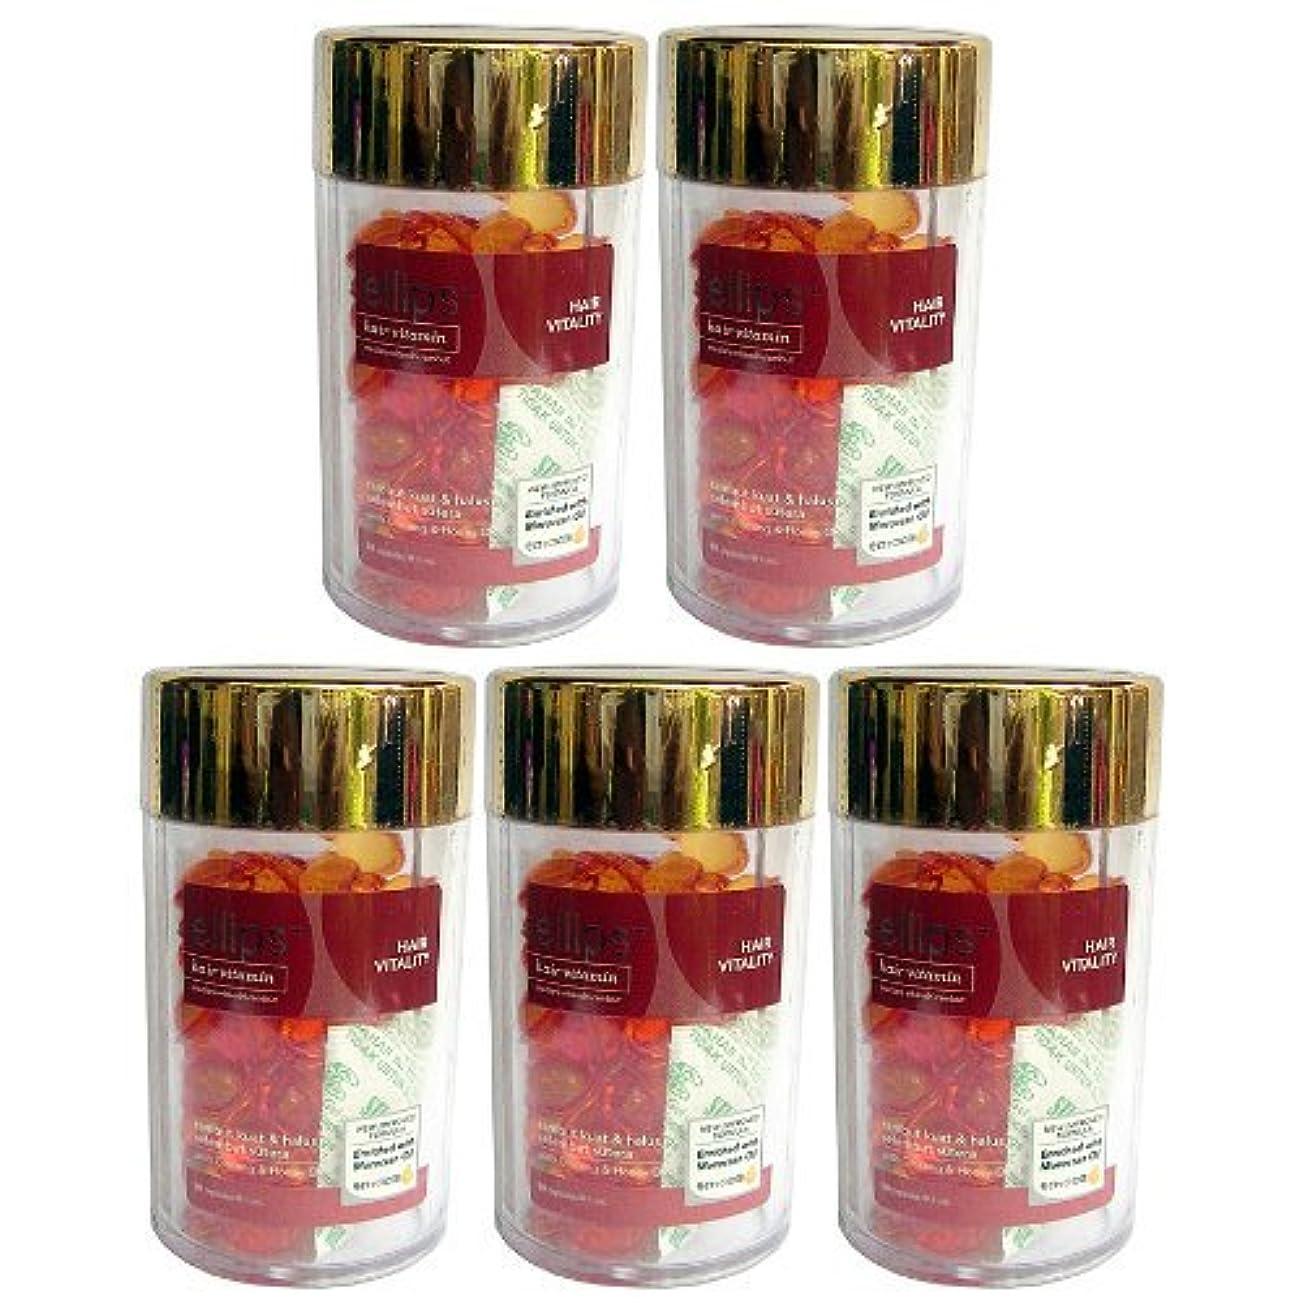 虹情報増加するエリップスellipsヘアビタミン洗い流さないヘアトリートメント50粒入ボトル5本組(海外直送品)(並行輸入品) (オレンジ5本)